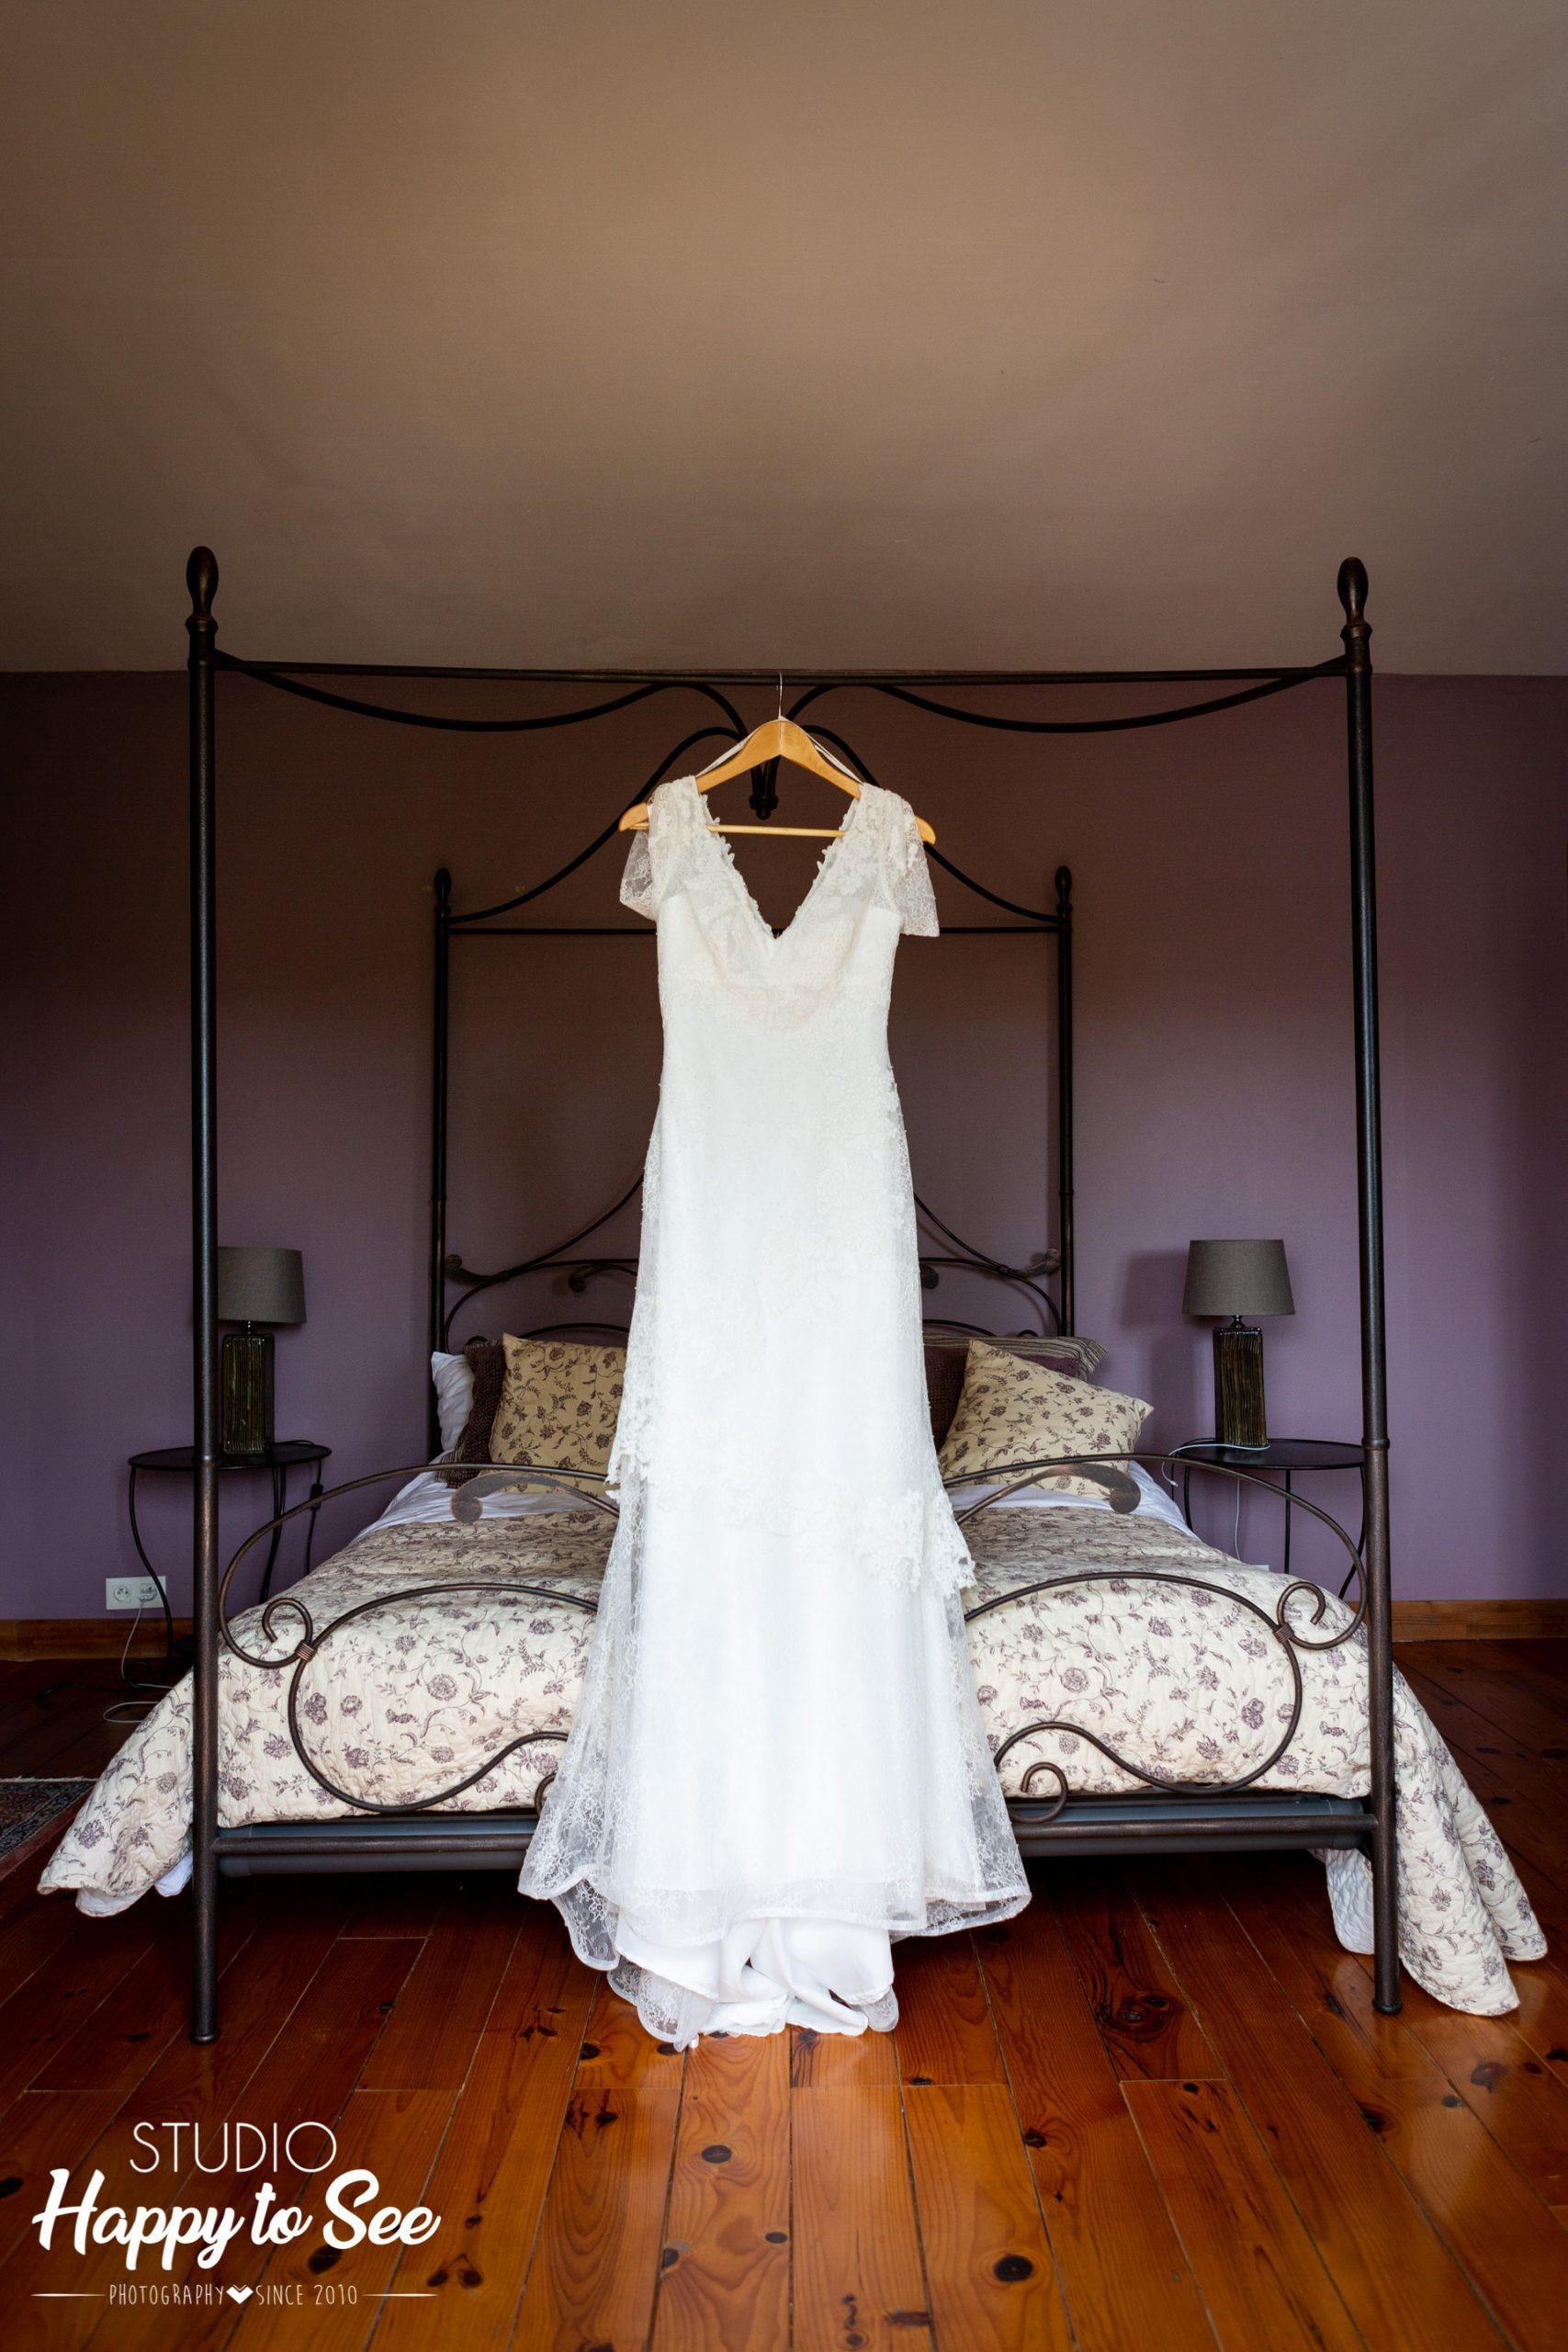 Mariage sur un air de Toscane preparatifs domaine gayda Robe de mariee suspendue